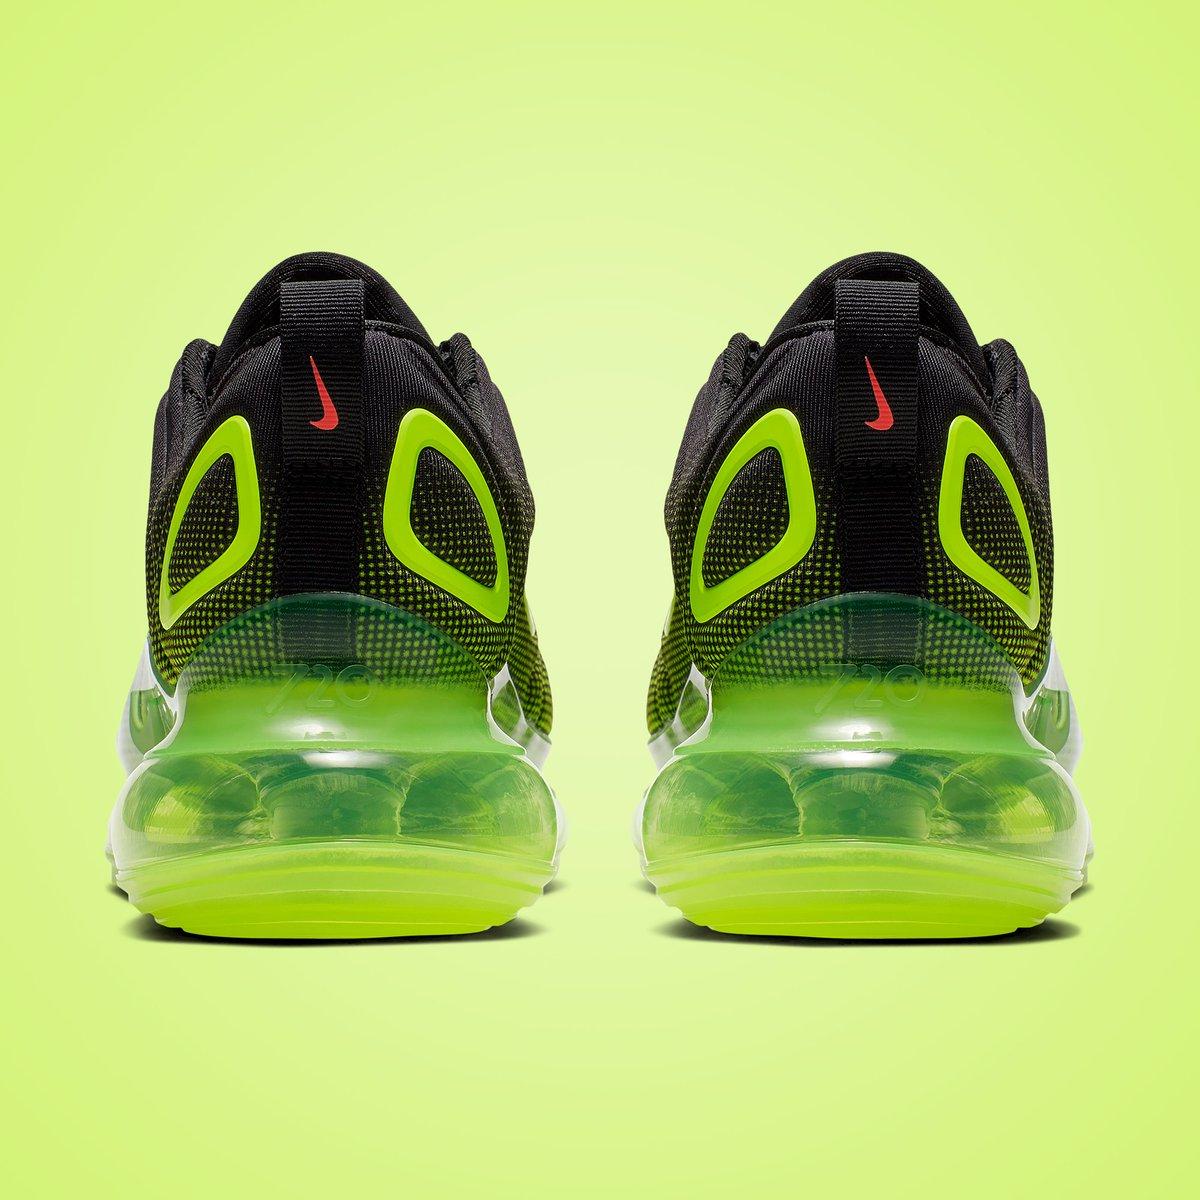 0459a13fd784 GB S Sneaker Shop on Twitter